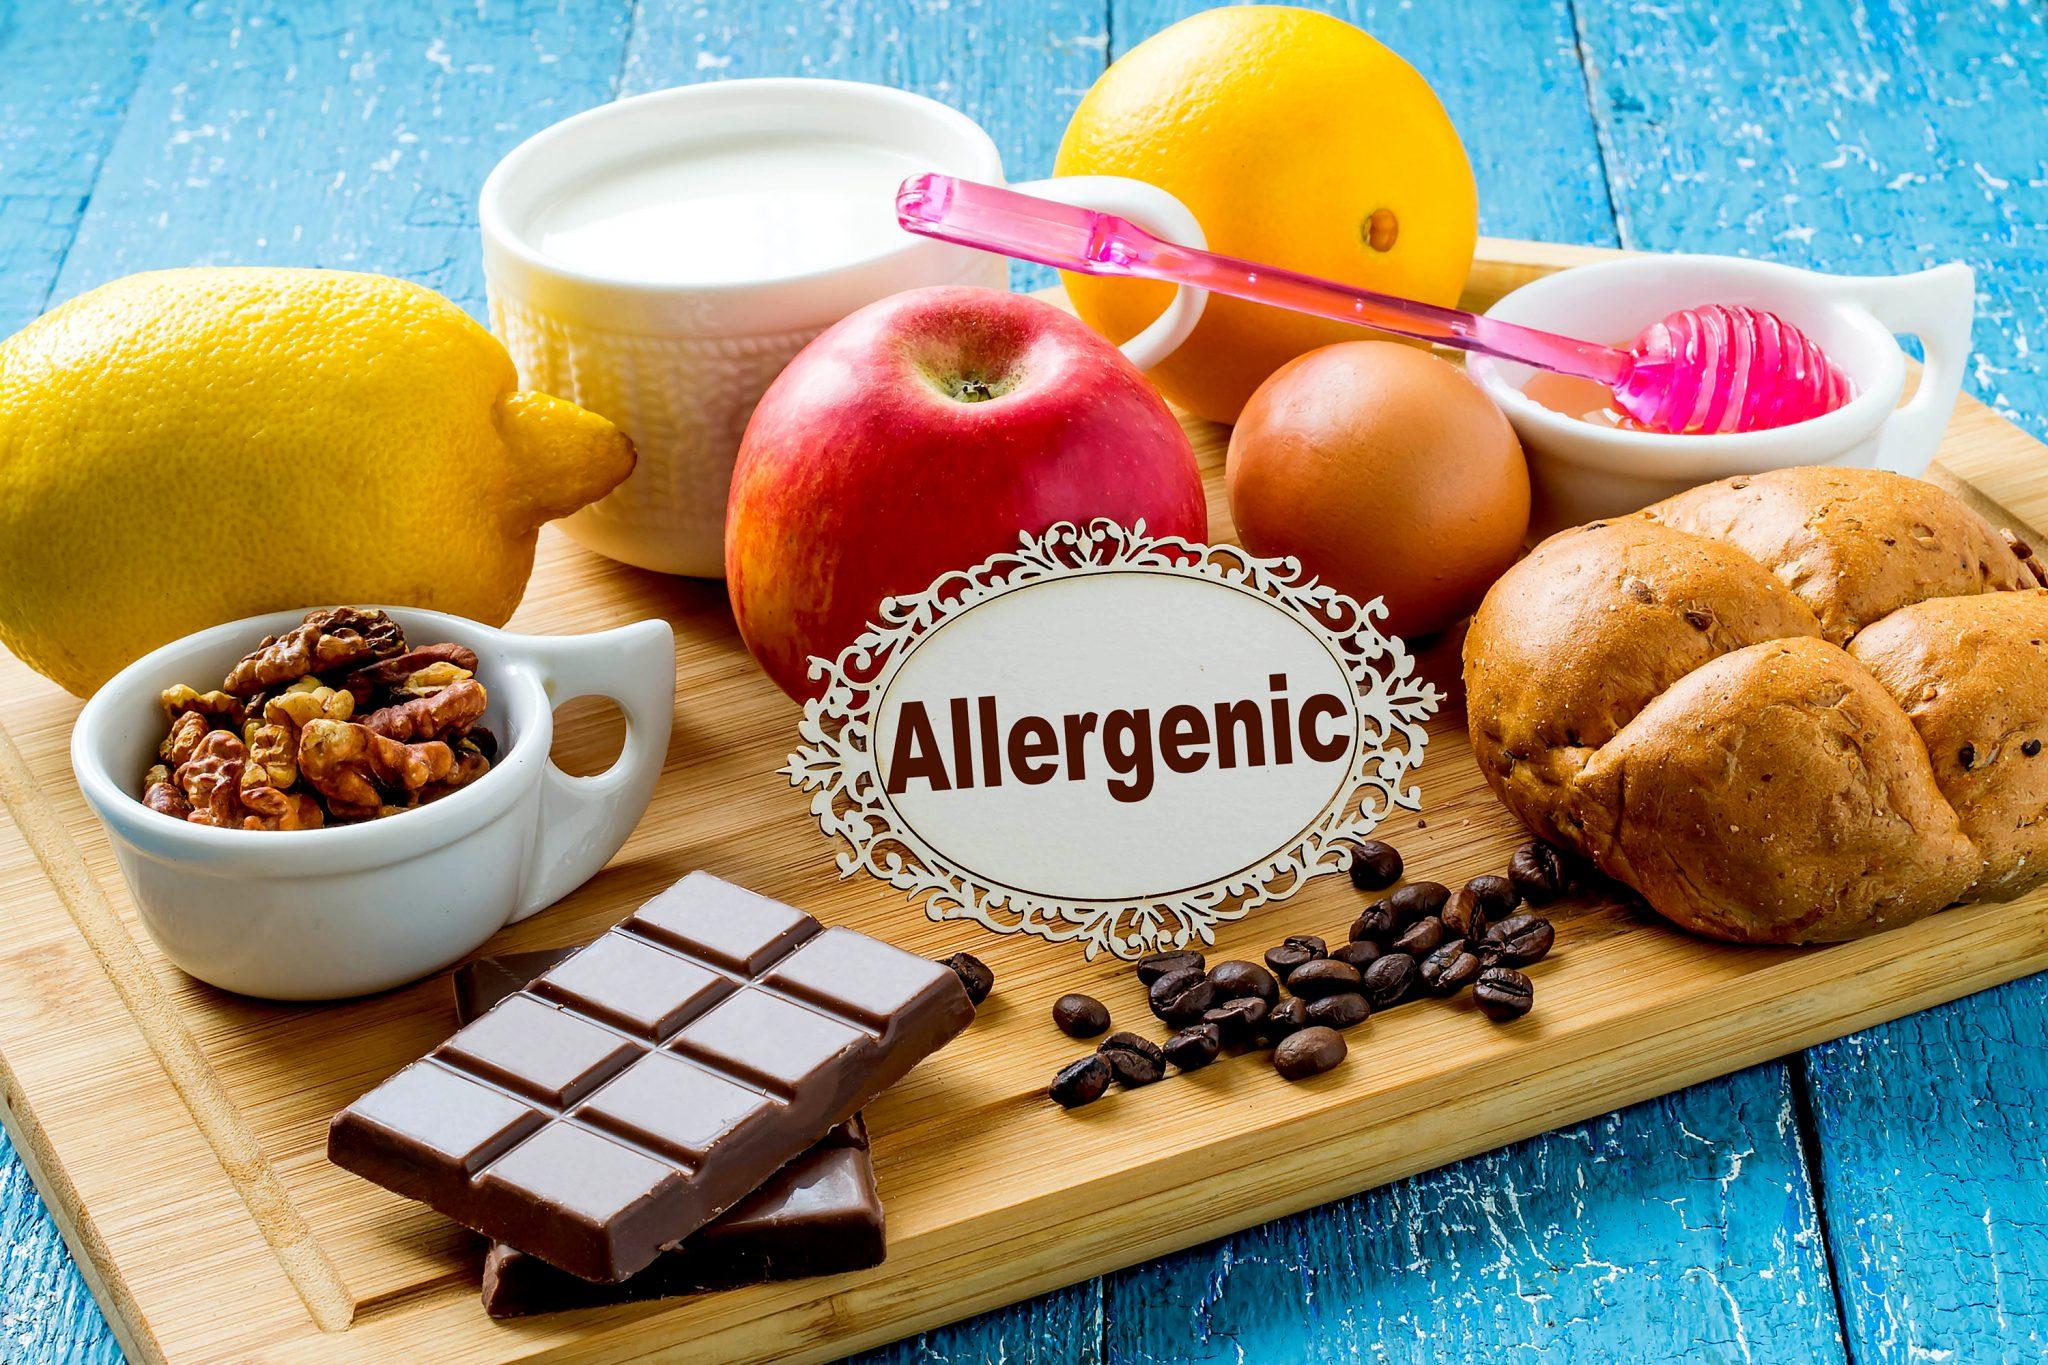 食物アレルギーの食品一覧